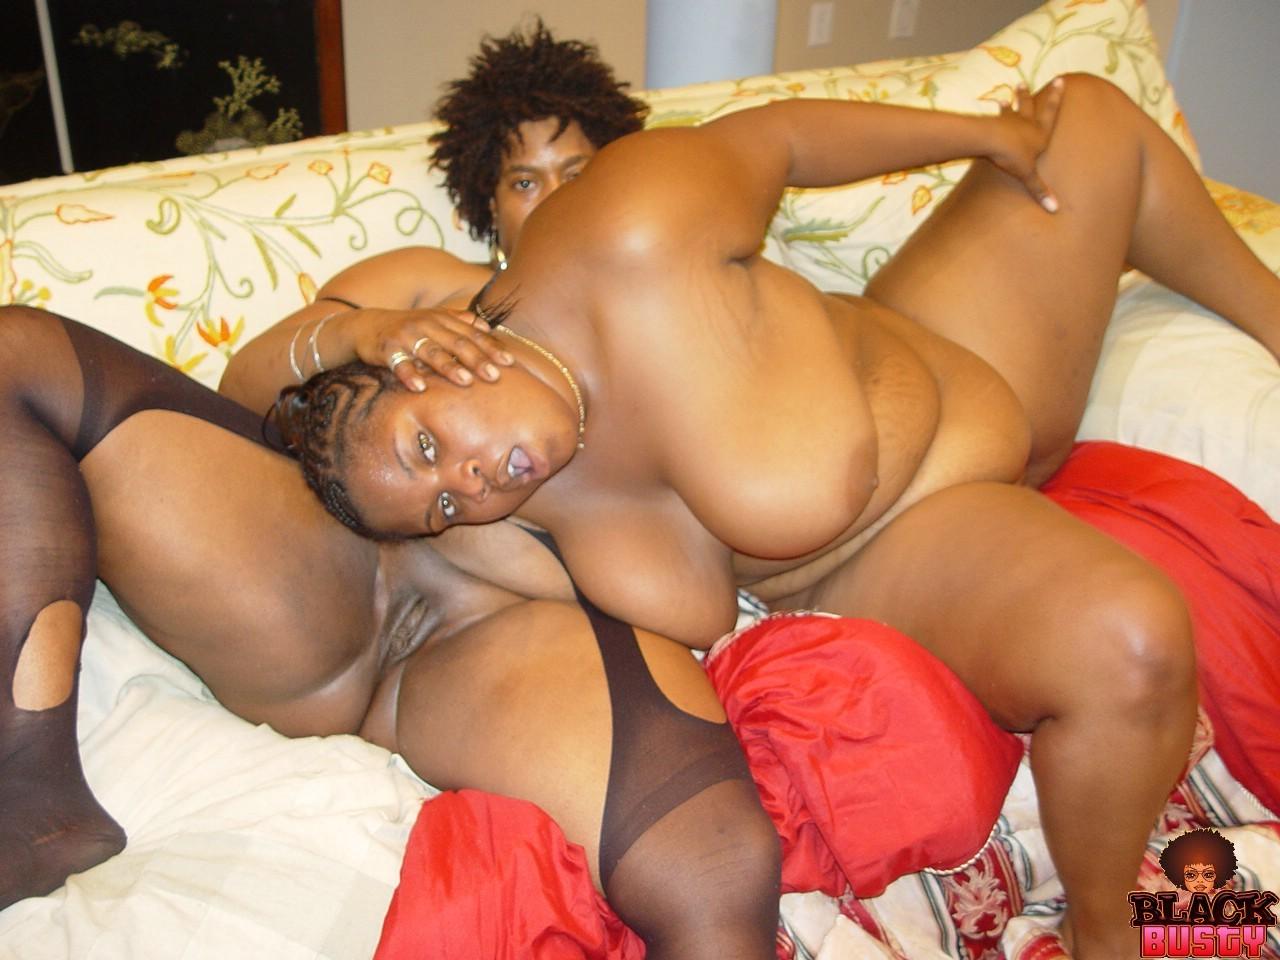 Смотреть полные пожилые чернокожие лесбиянки